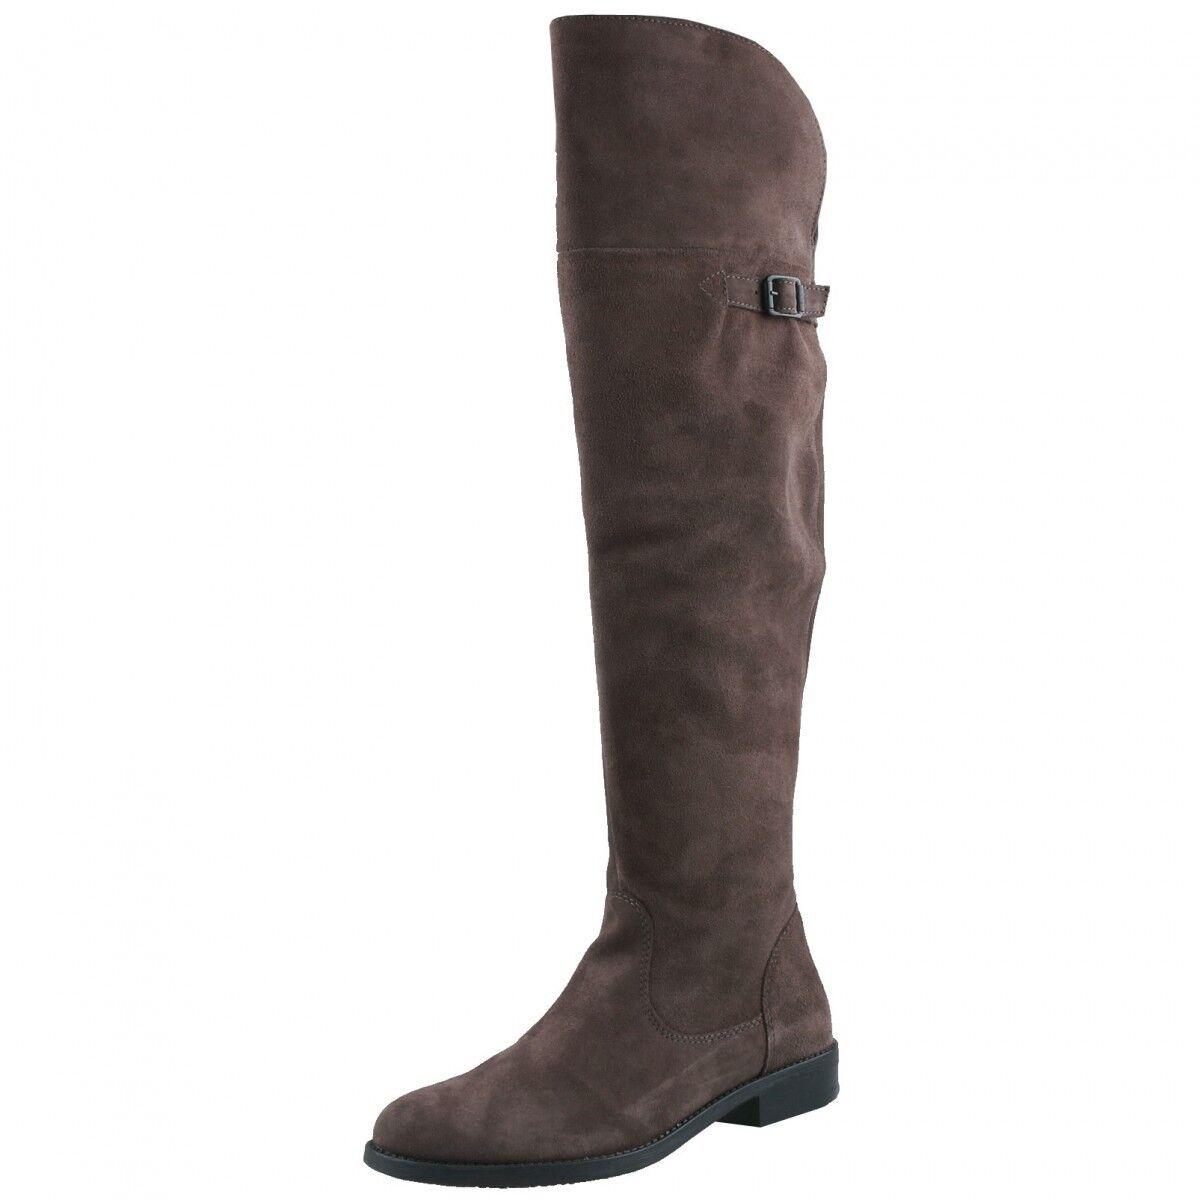 NUEVO Tamaris Zapatos De Mujer botas Sobre La Rodilla botas Mujer botas de piel